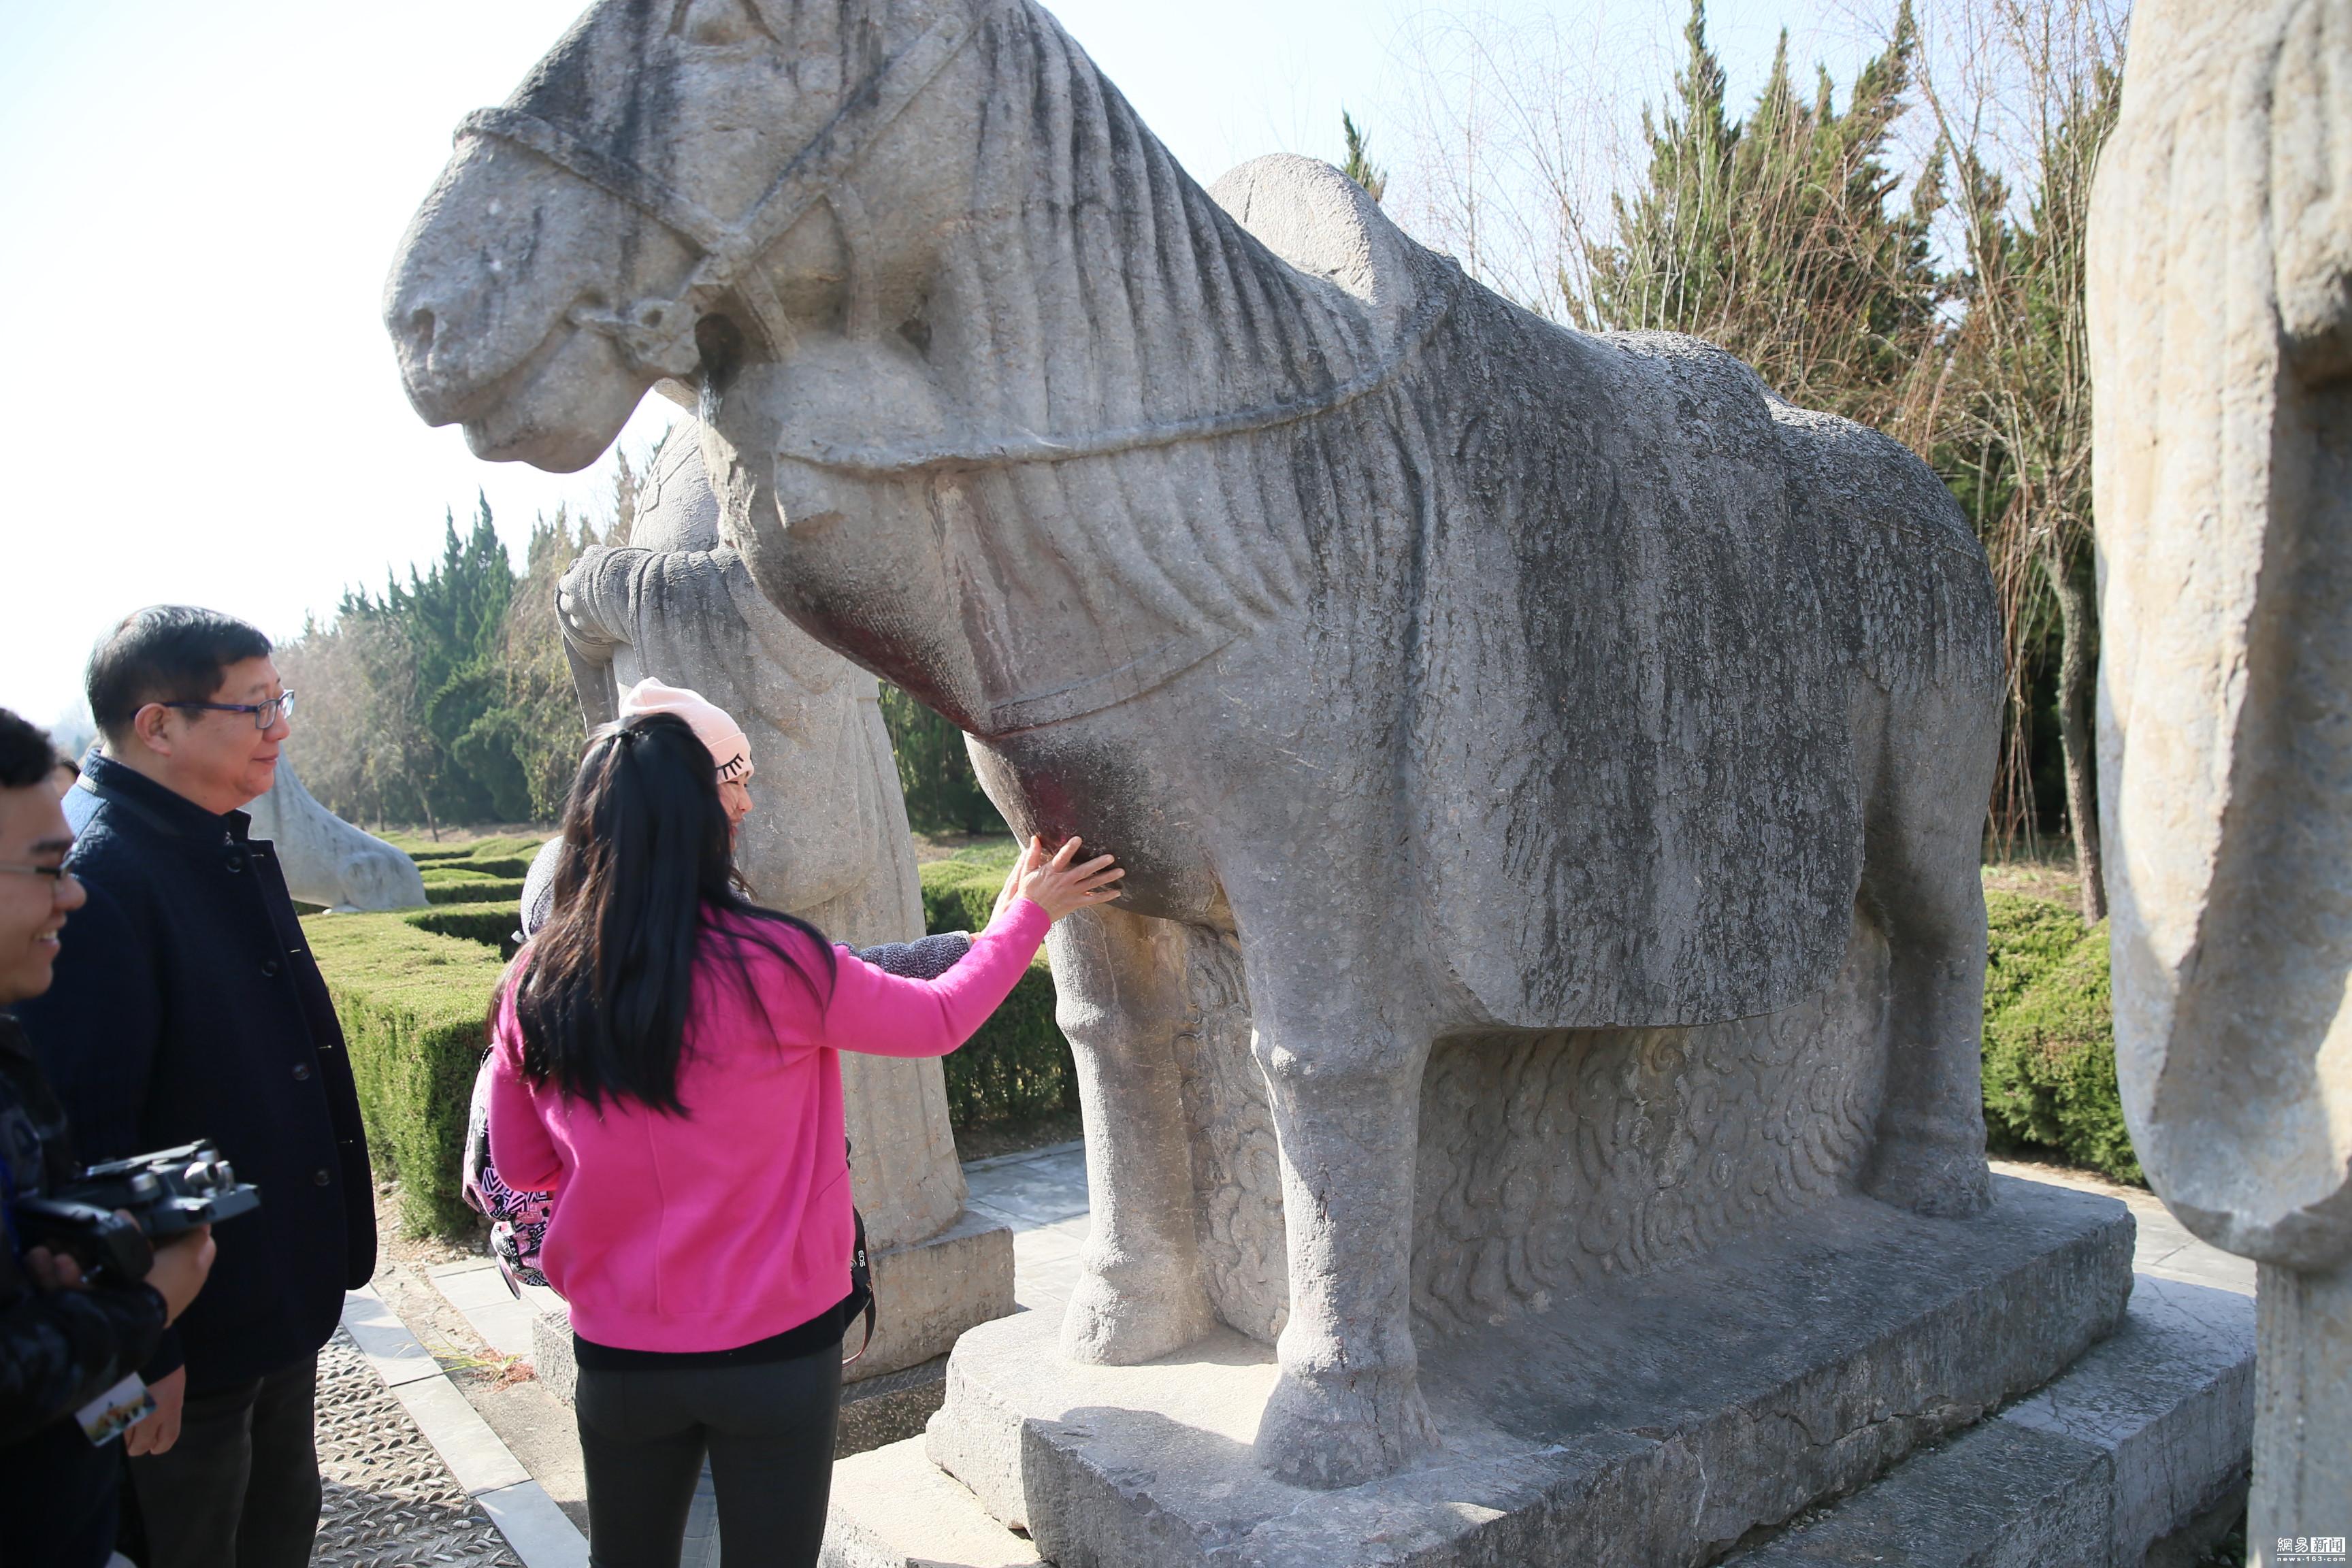 明皇陵现细腿石麒麟:刮了能生儿子 - 周公乐 - xinhua8848 的博客